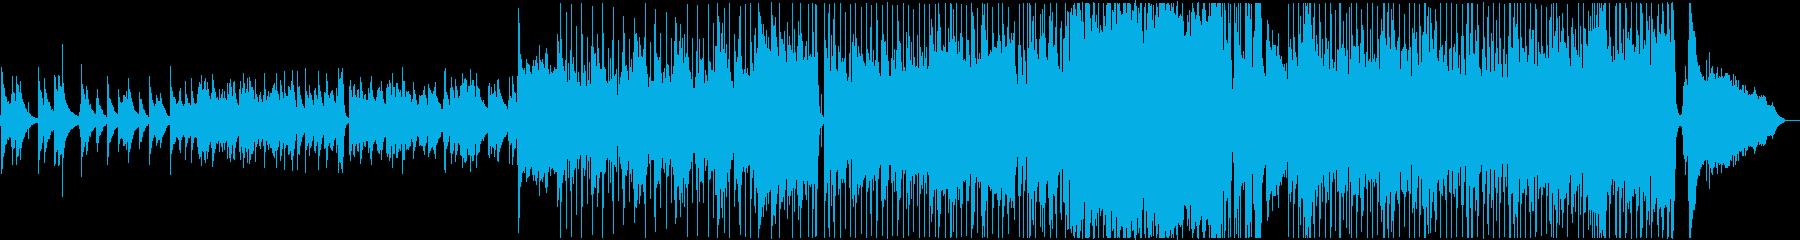 ゴスペル的イントロのミディアムバラードの再生済みの波形